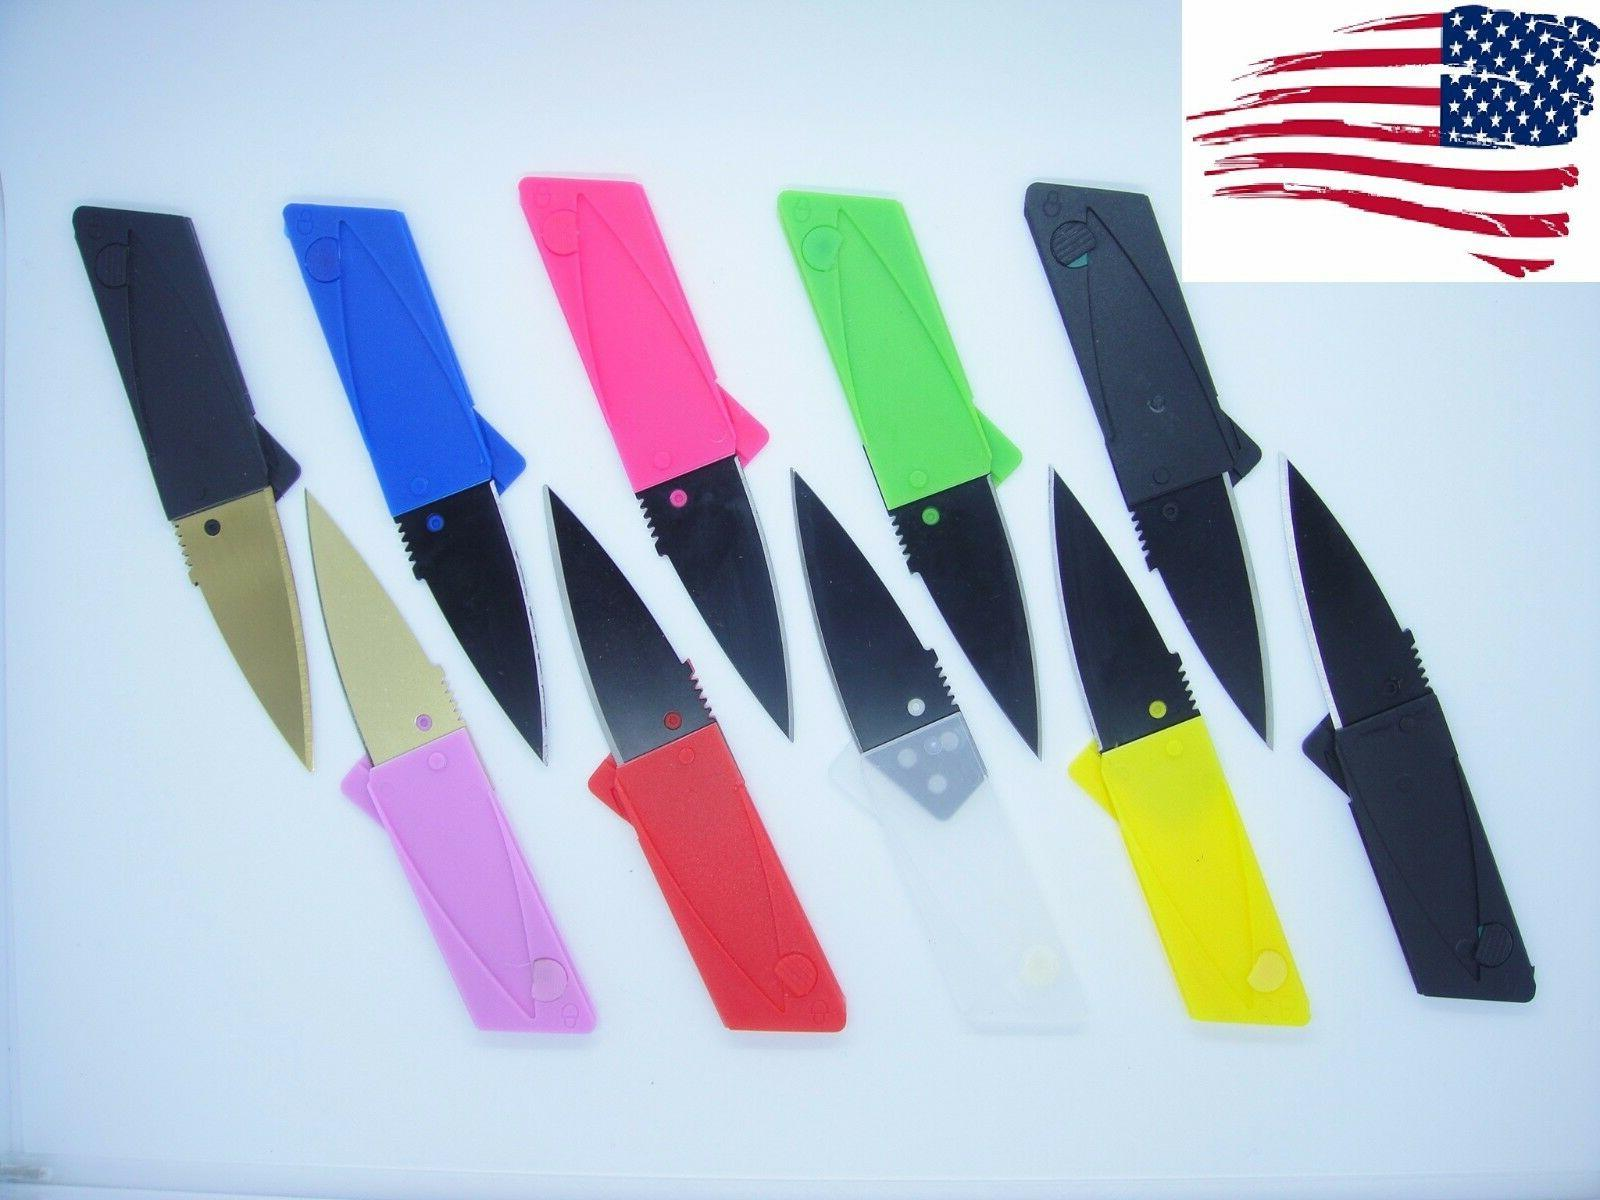 10 Multi Color Credit Card Knives folding wallet pocket surv